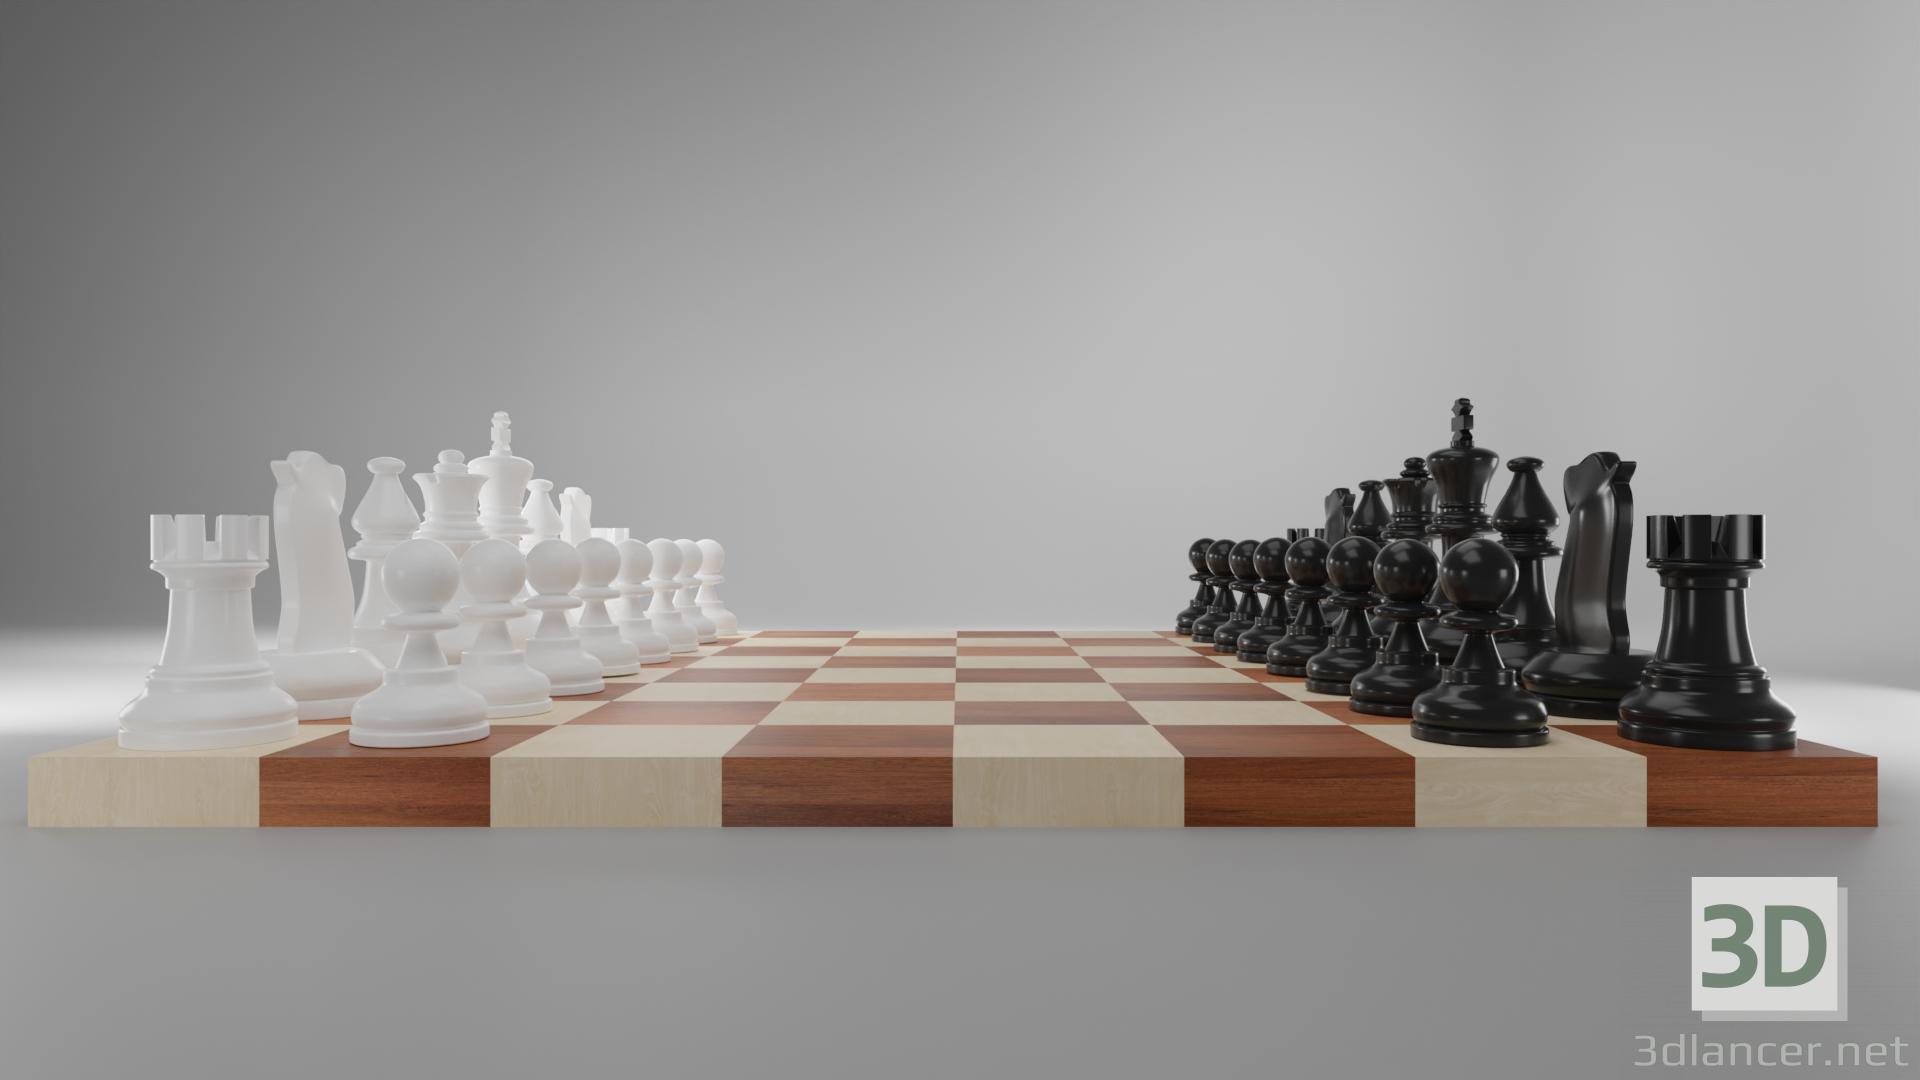 3d Chess chess model buy - render